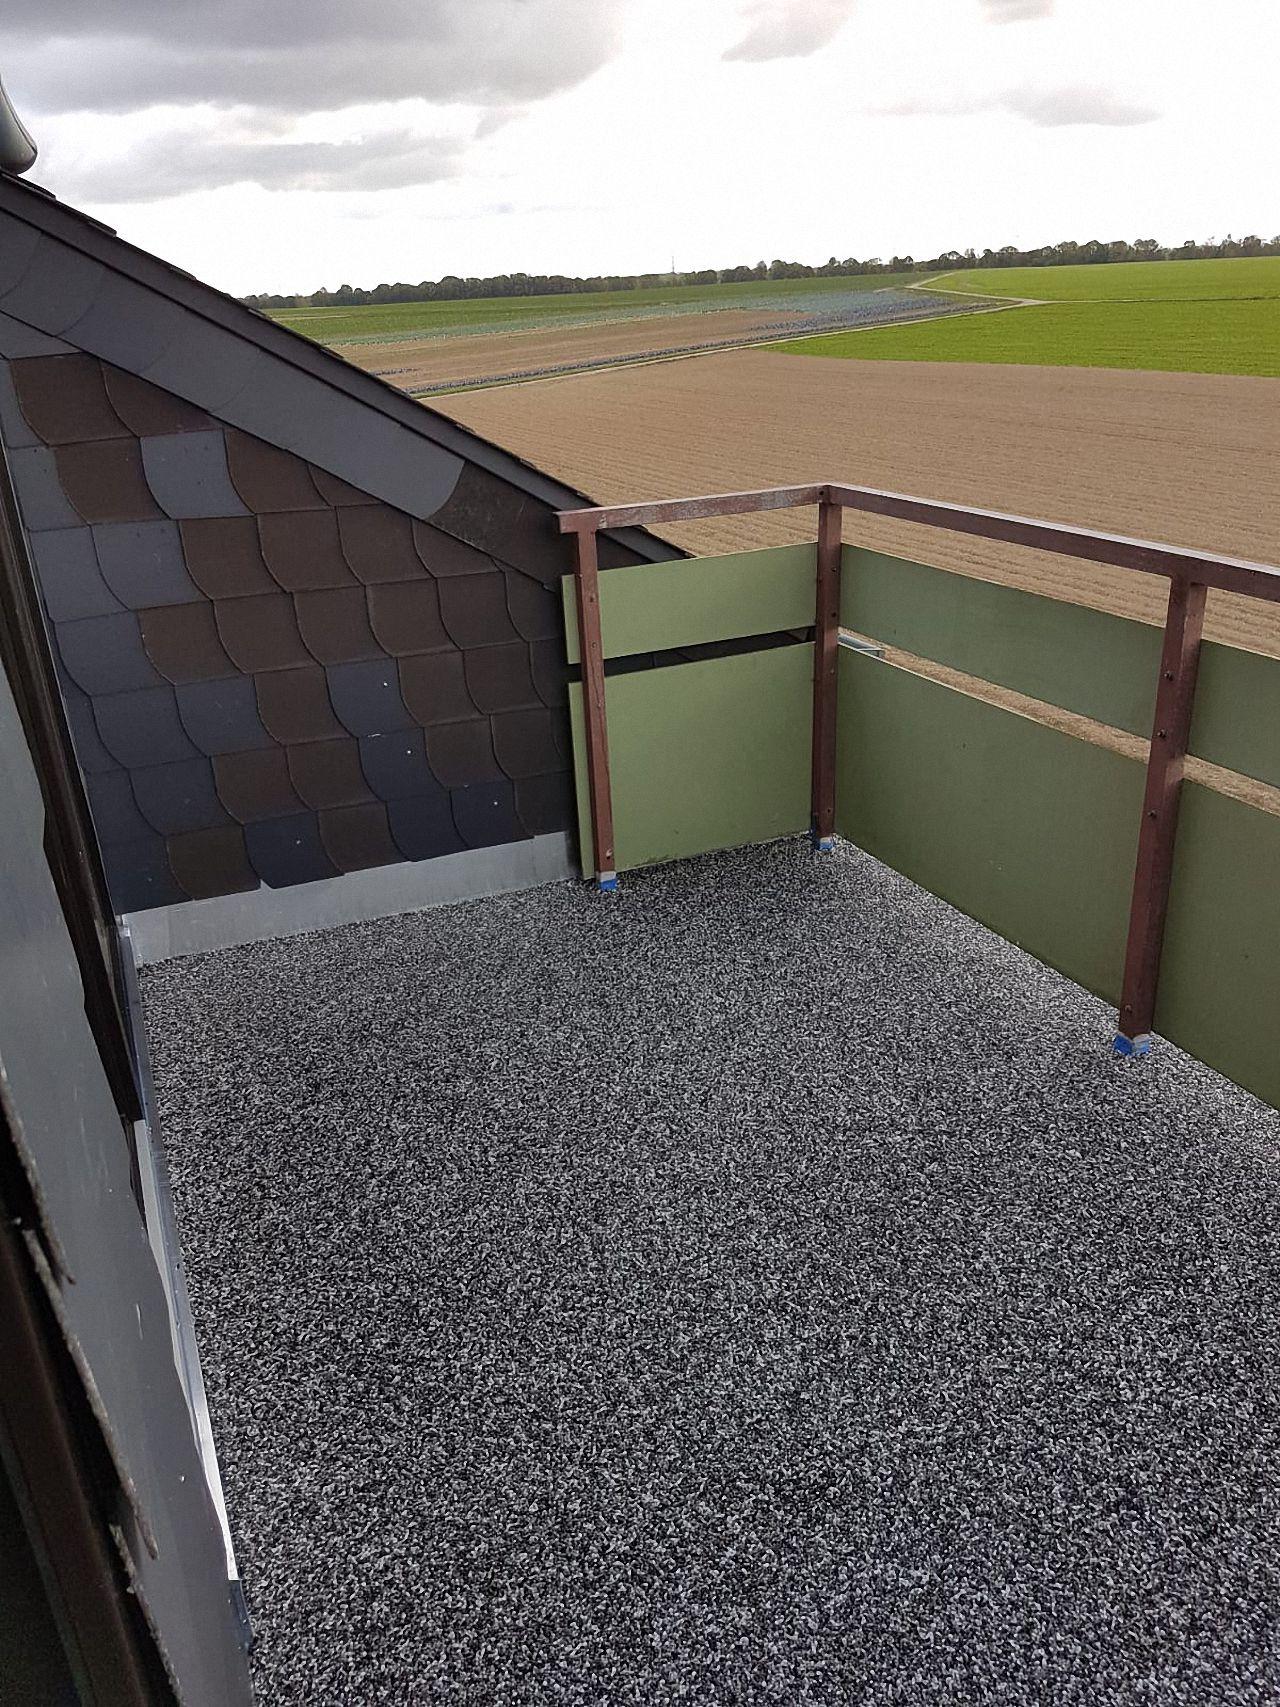 Steinteppich als Balkon-Bodenbelag. Die wasserdichte und UV-beständige Versiegelung hat keine Fugen, ist leicht zu reinigen und individuell gut zu verlegen. Hier bekommen Sie alle Informationen zu Steinteppichen.